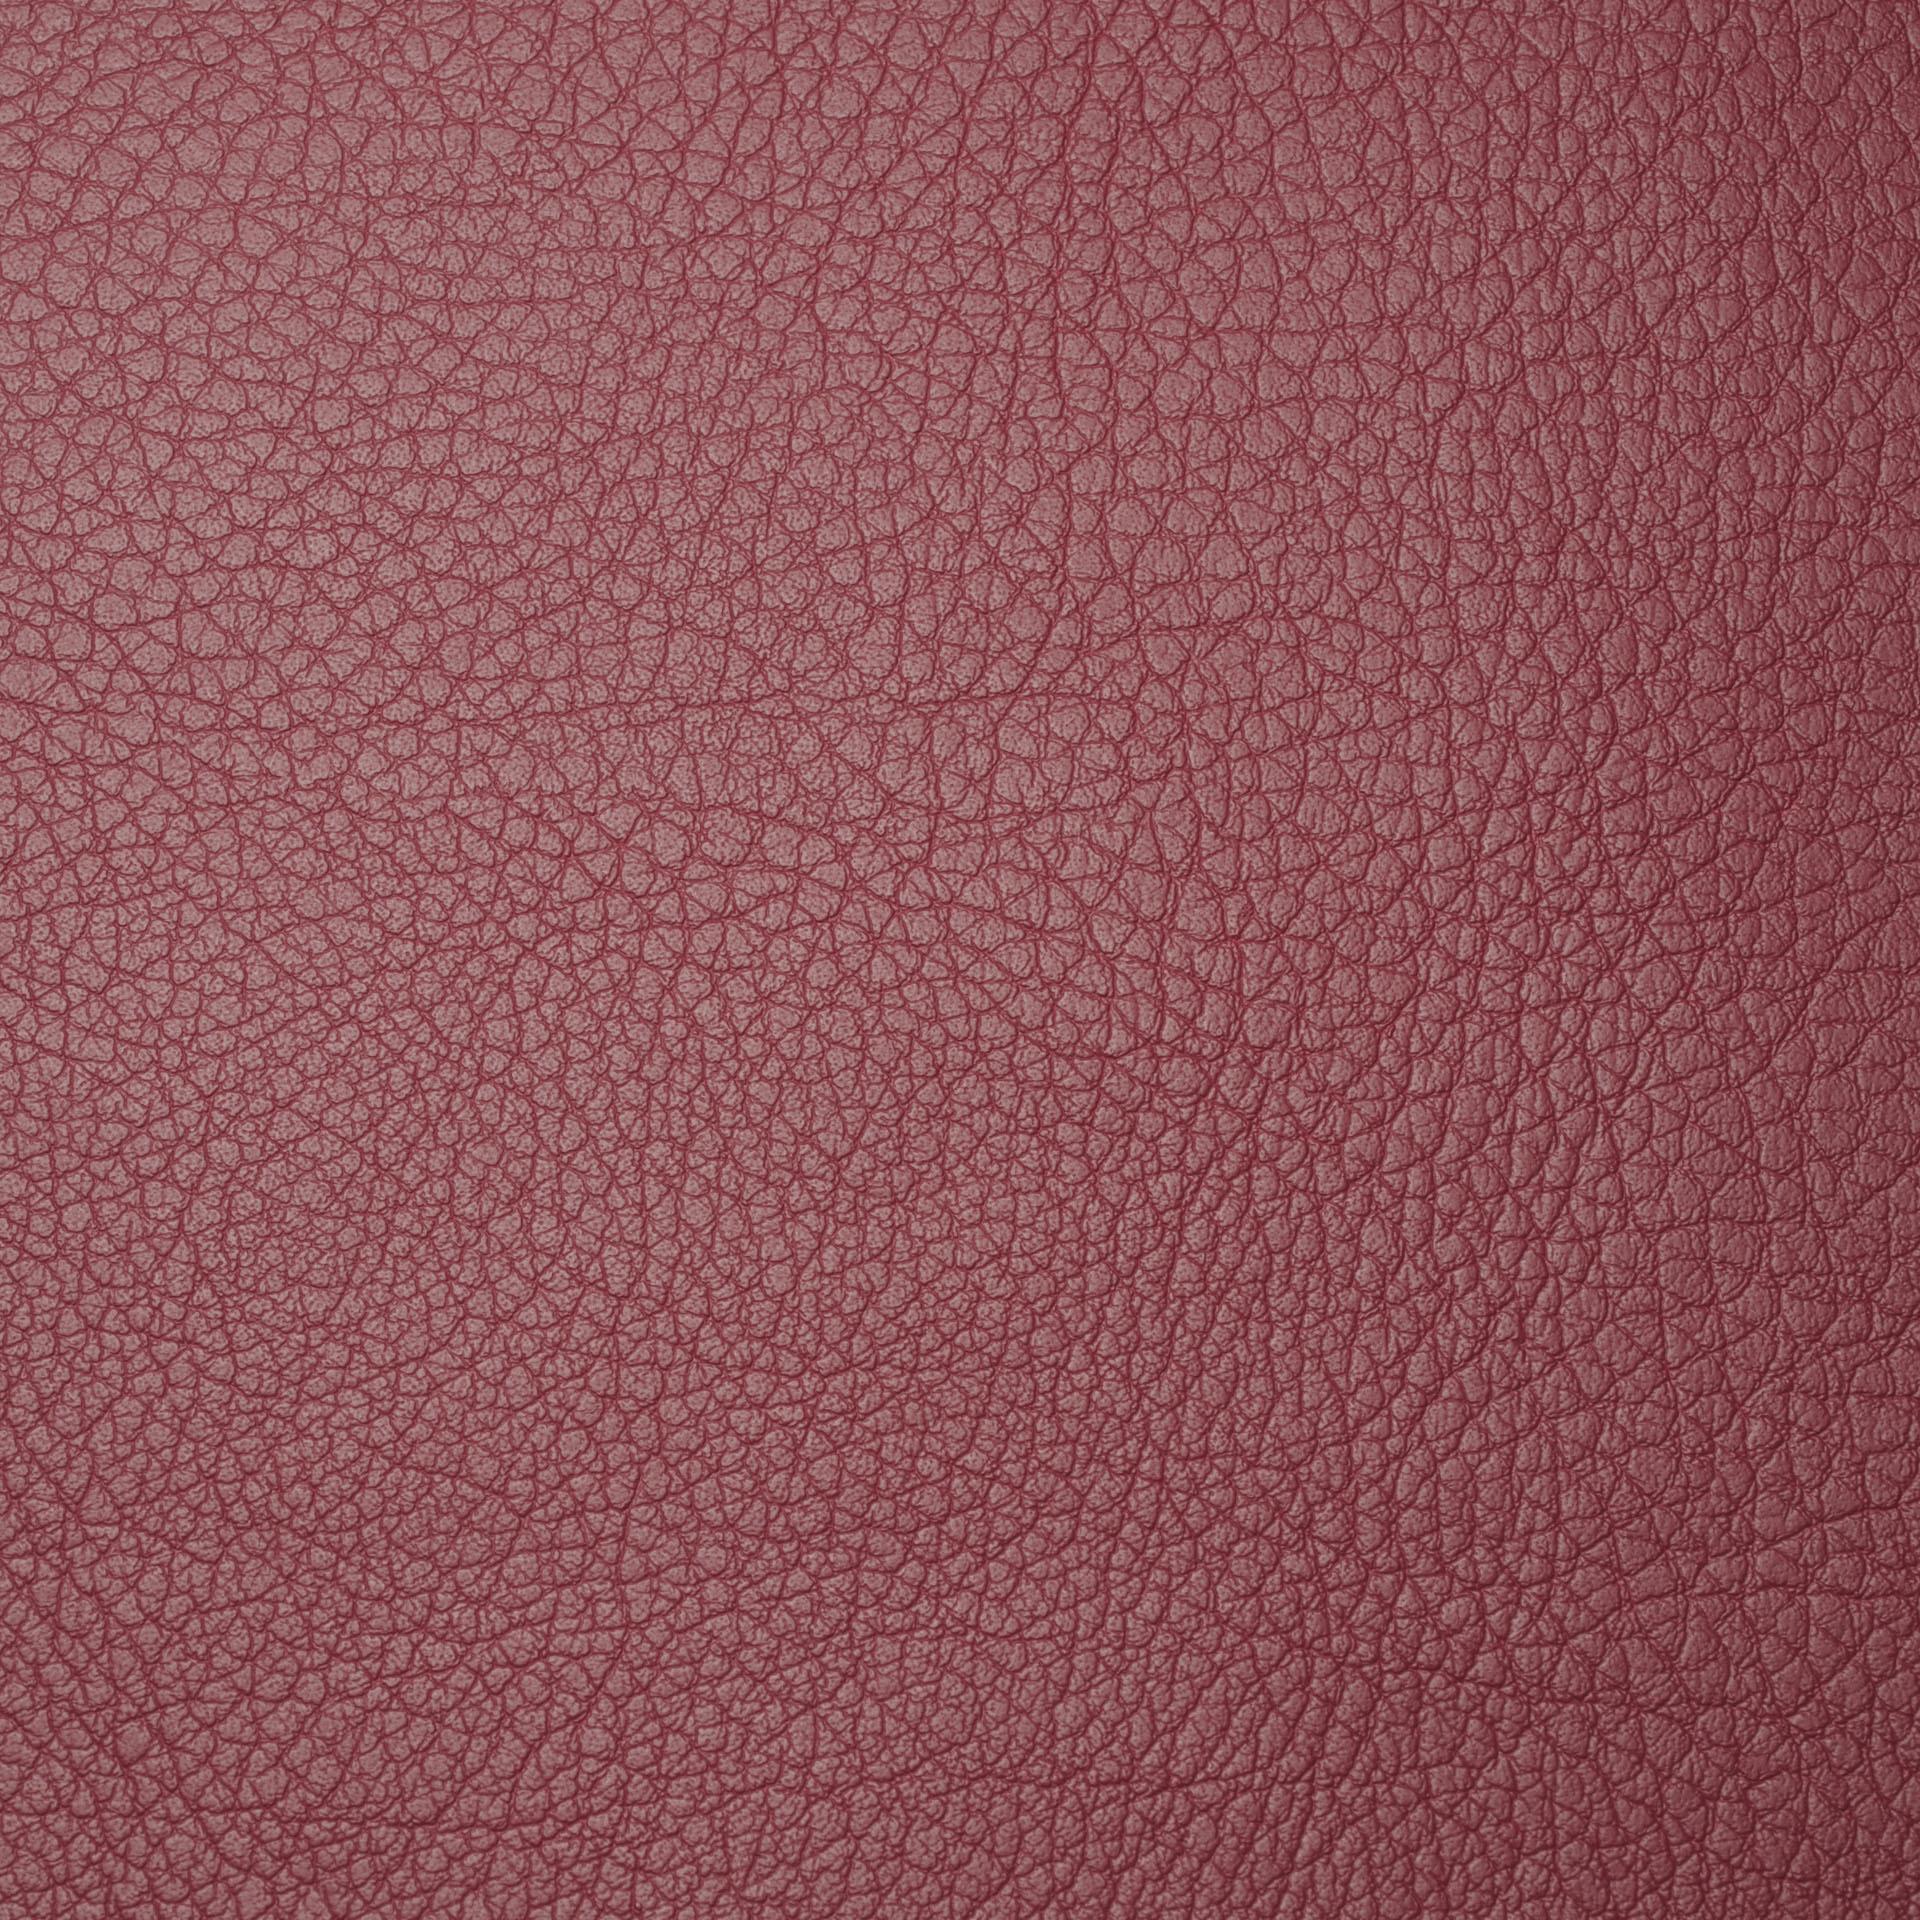 Коллекция ткани Софитель 15 Hot Pink,  купить ткань Кож зам для мебели Украина